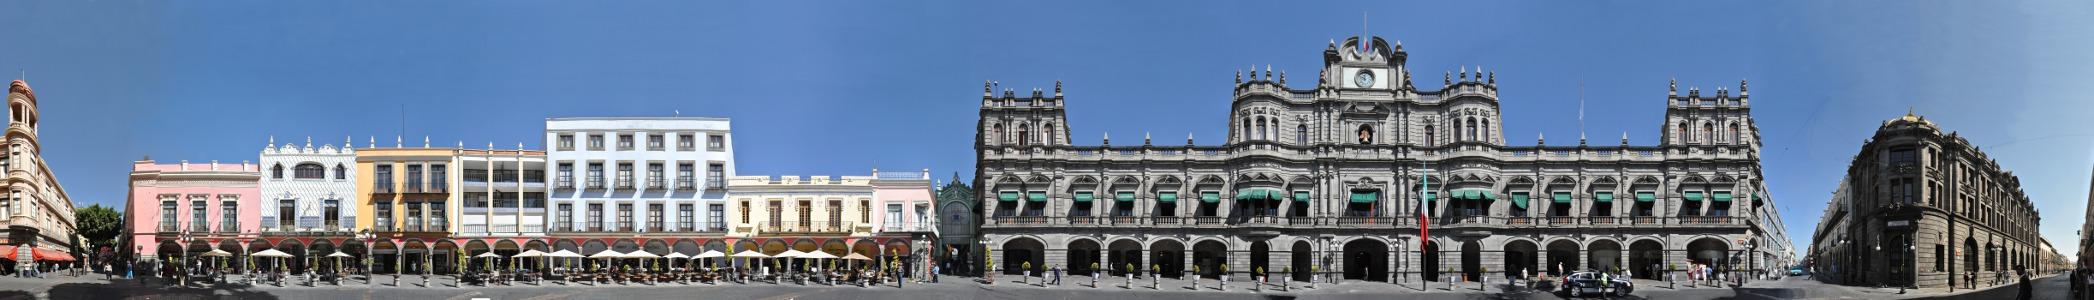 Don Juan de Palafox y Mendoza / Zocalo